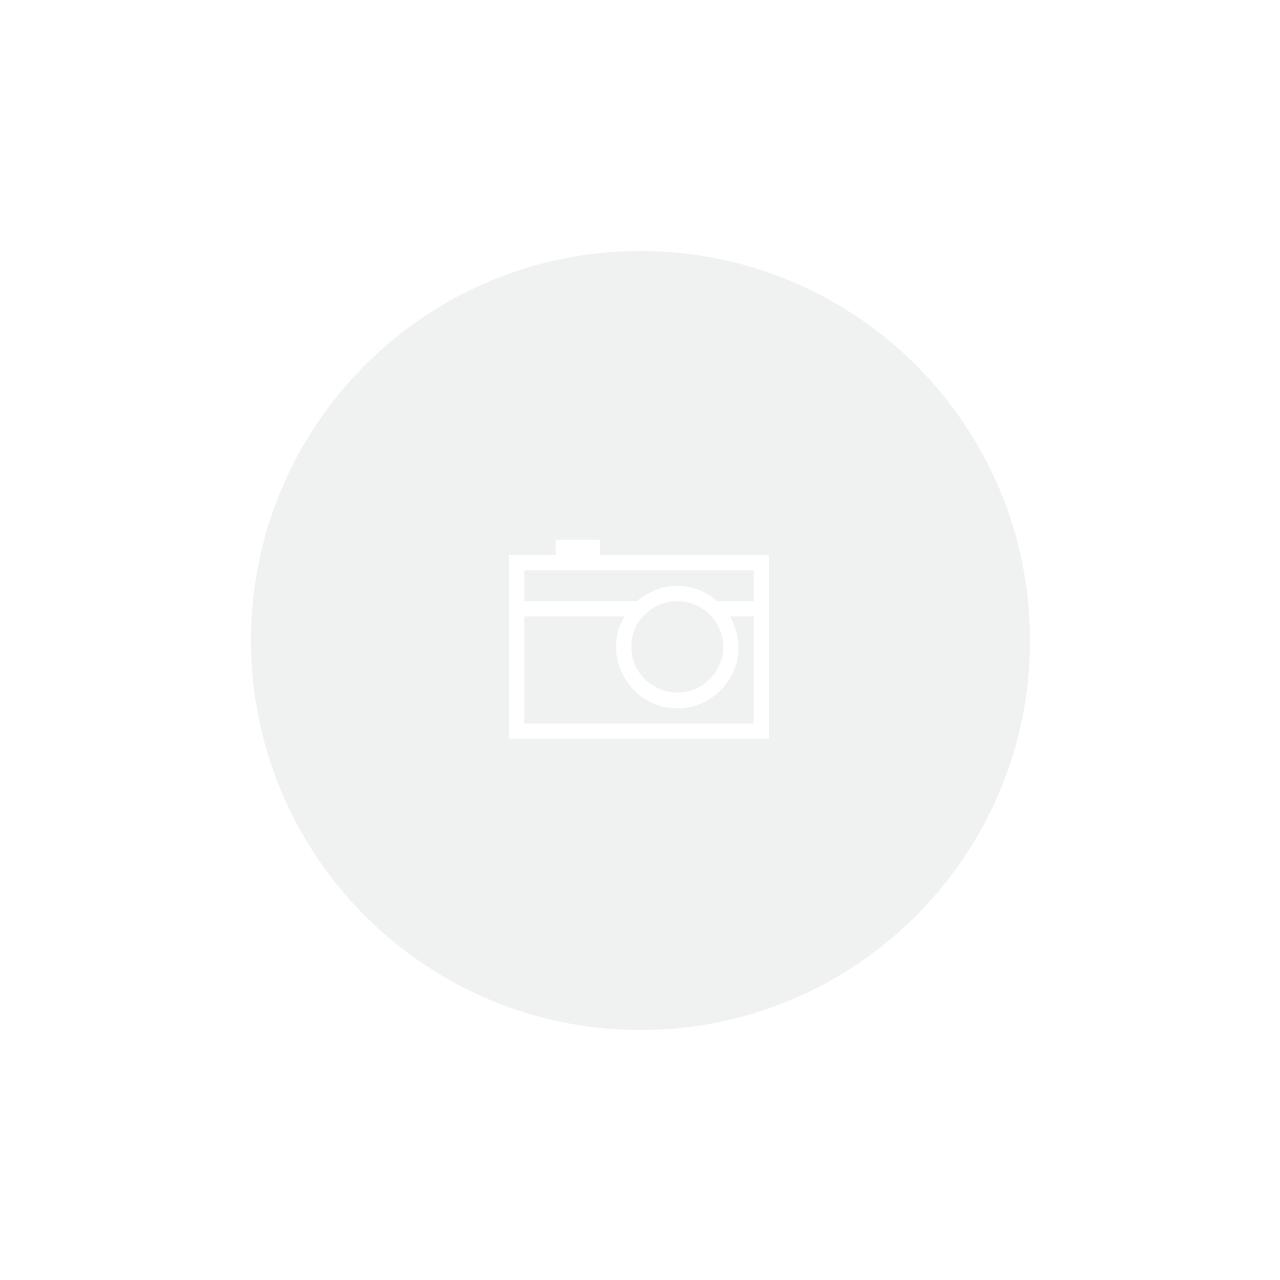 FAROL 1 LED SILICONE 3F ELLEVEN RECARREGÁVEL USB